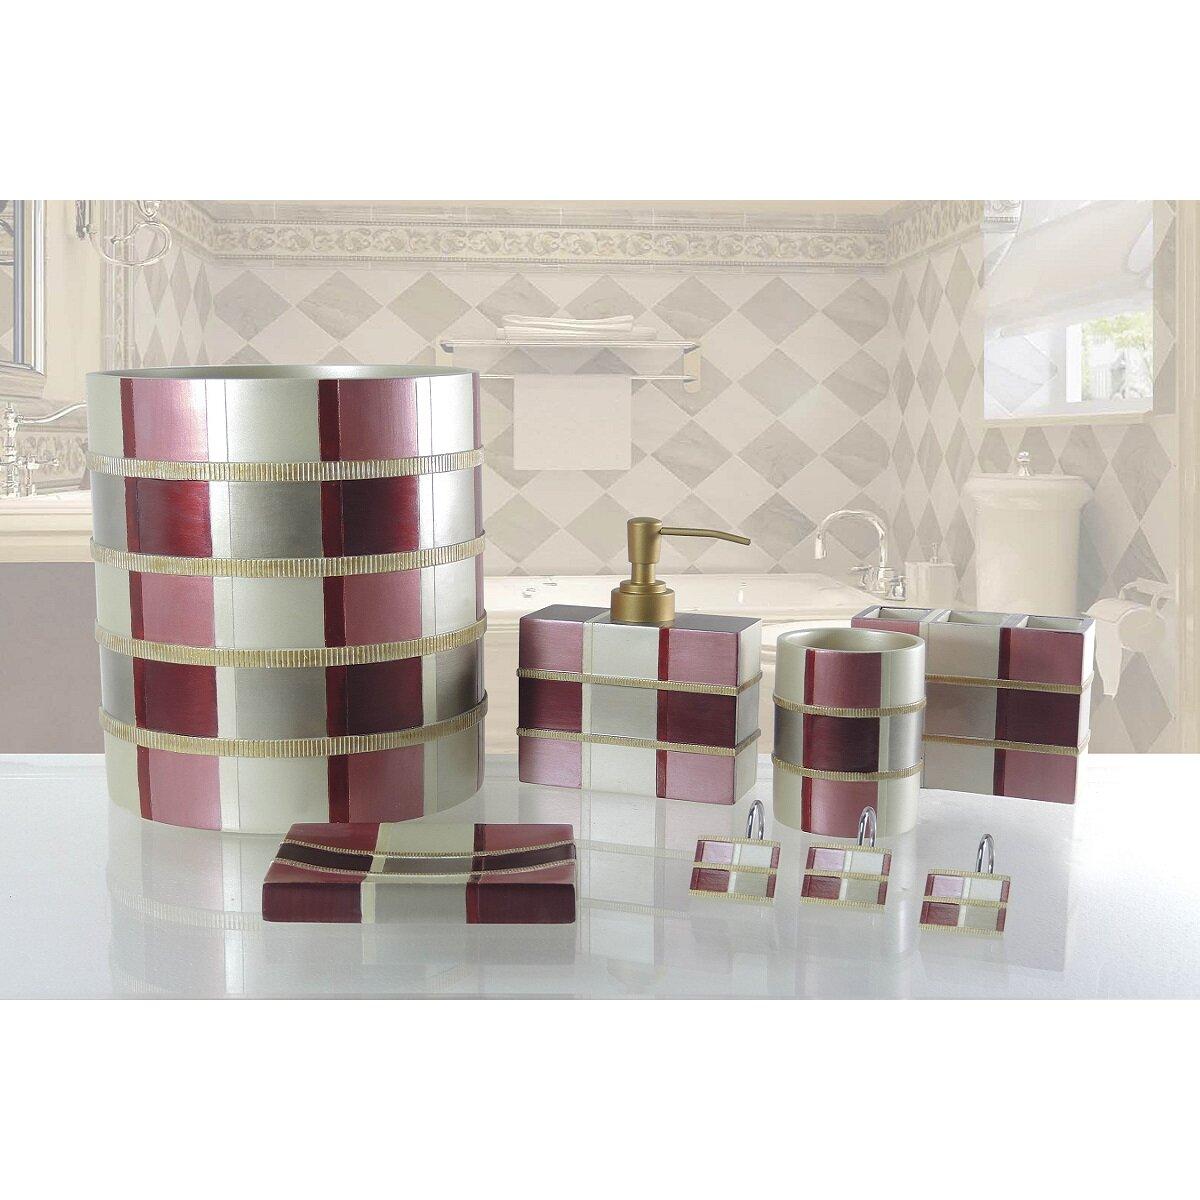 Daniels bath madison 5 piece bathroom hardware set for Bathroom 5 piece set